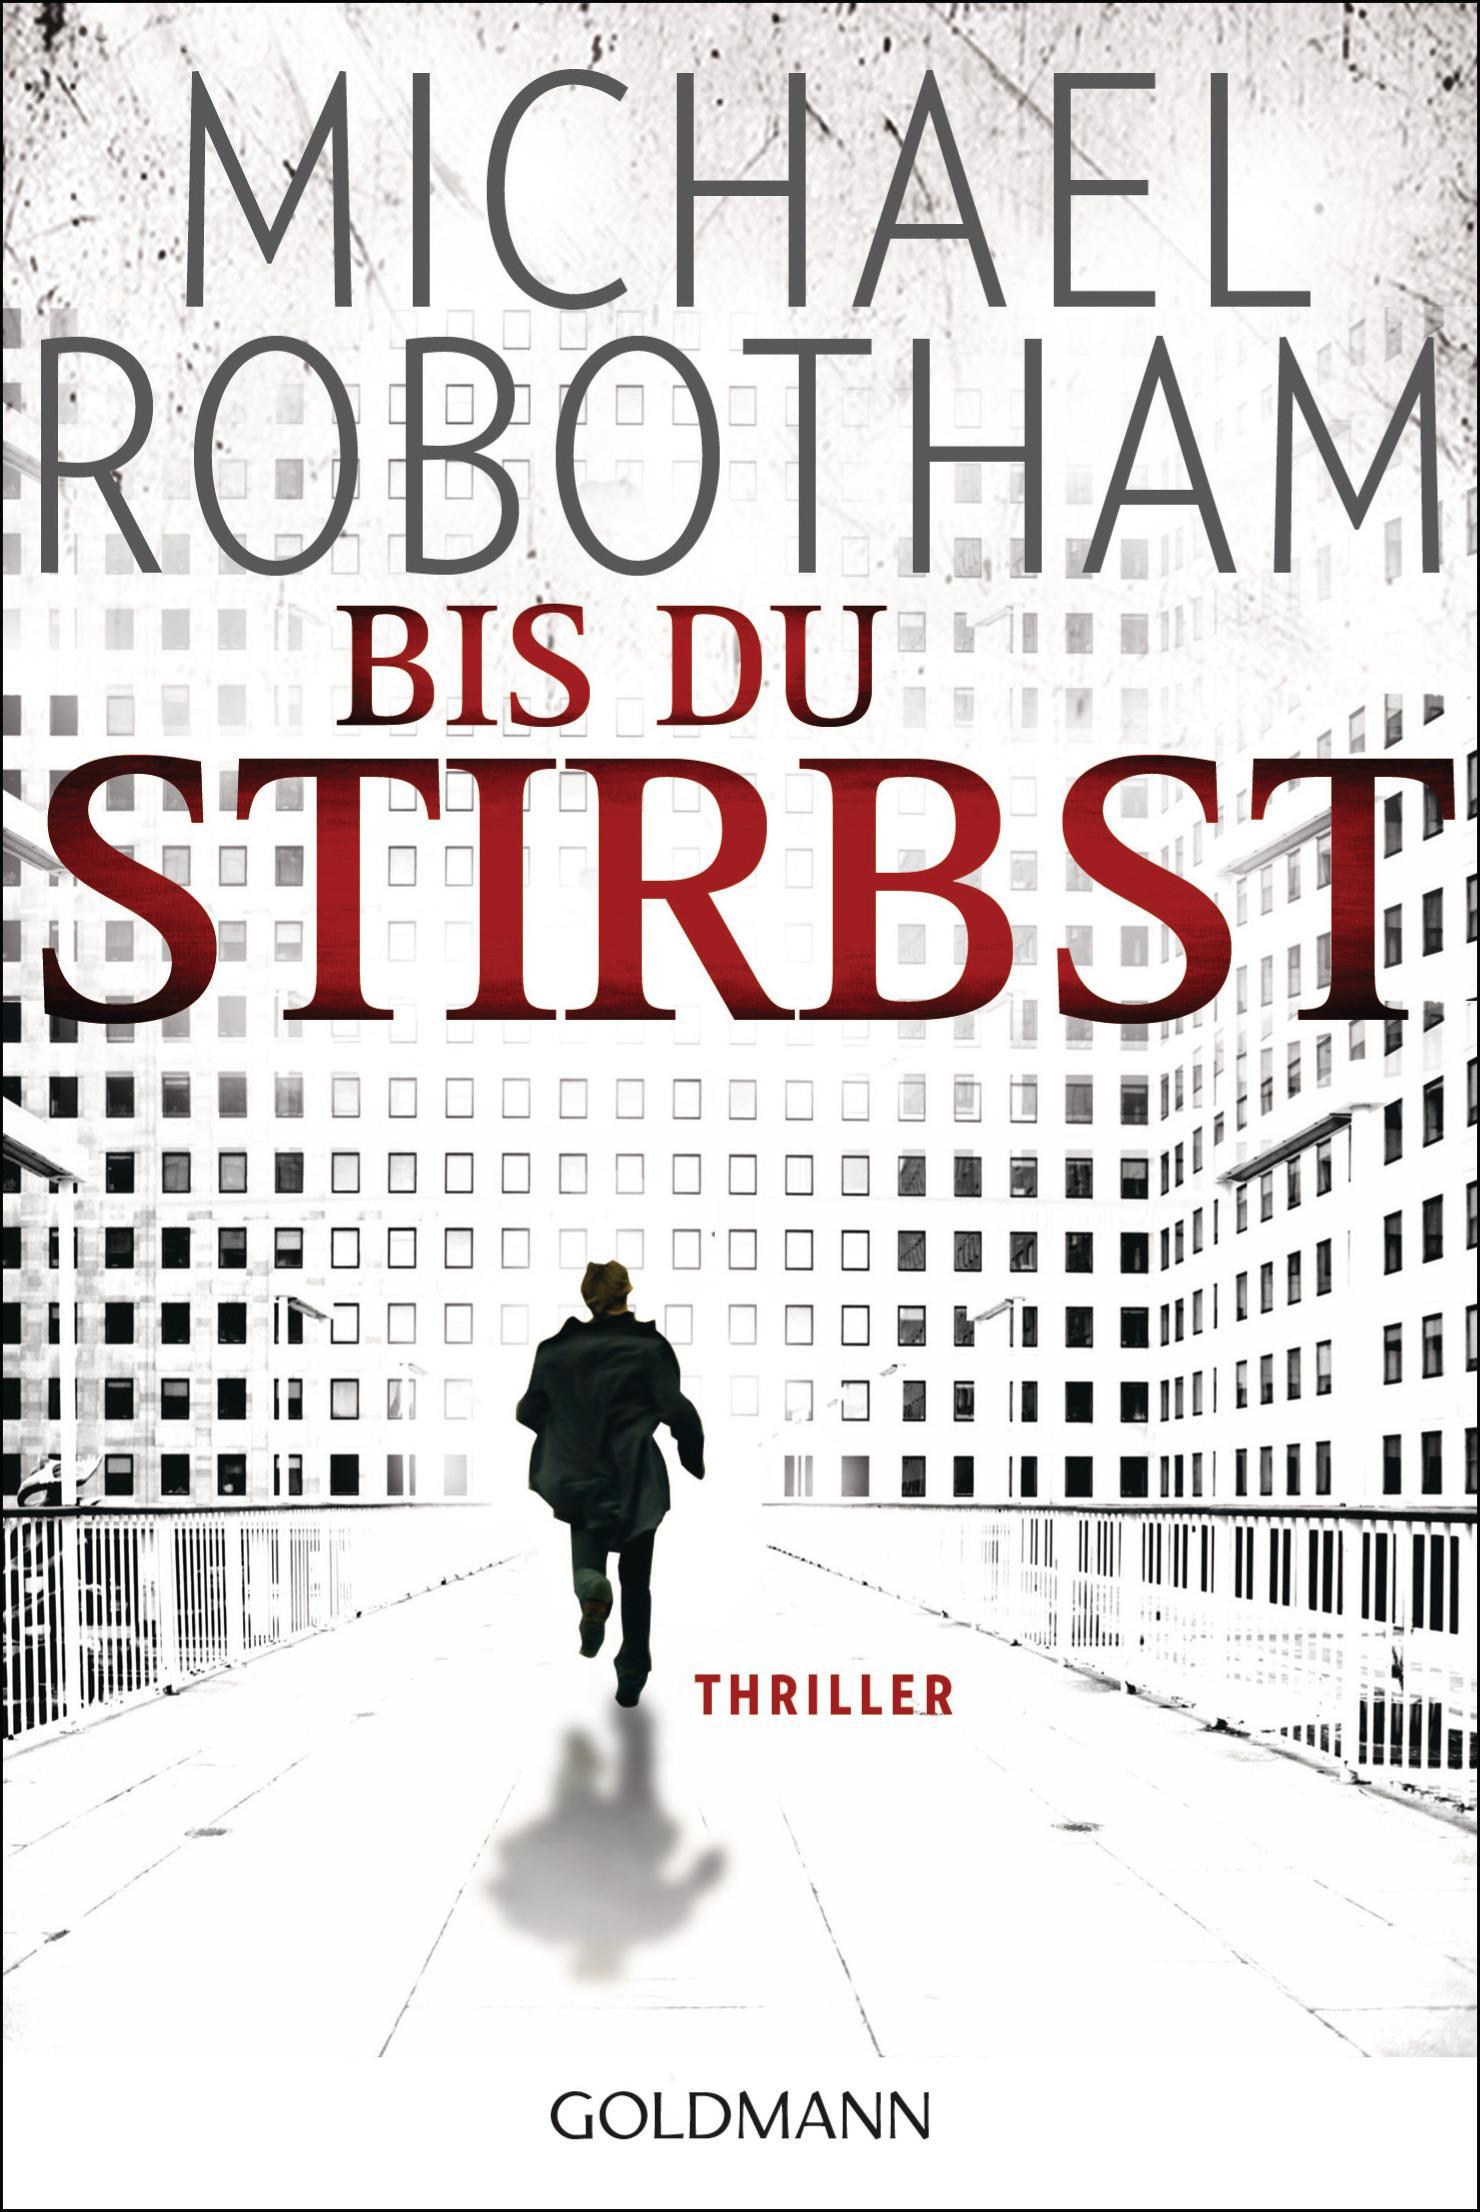 Michael Robotham ~ Bis du stirbst: Thriller 9783442473397